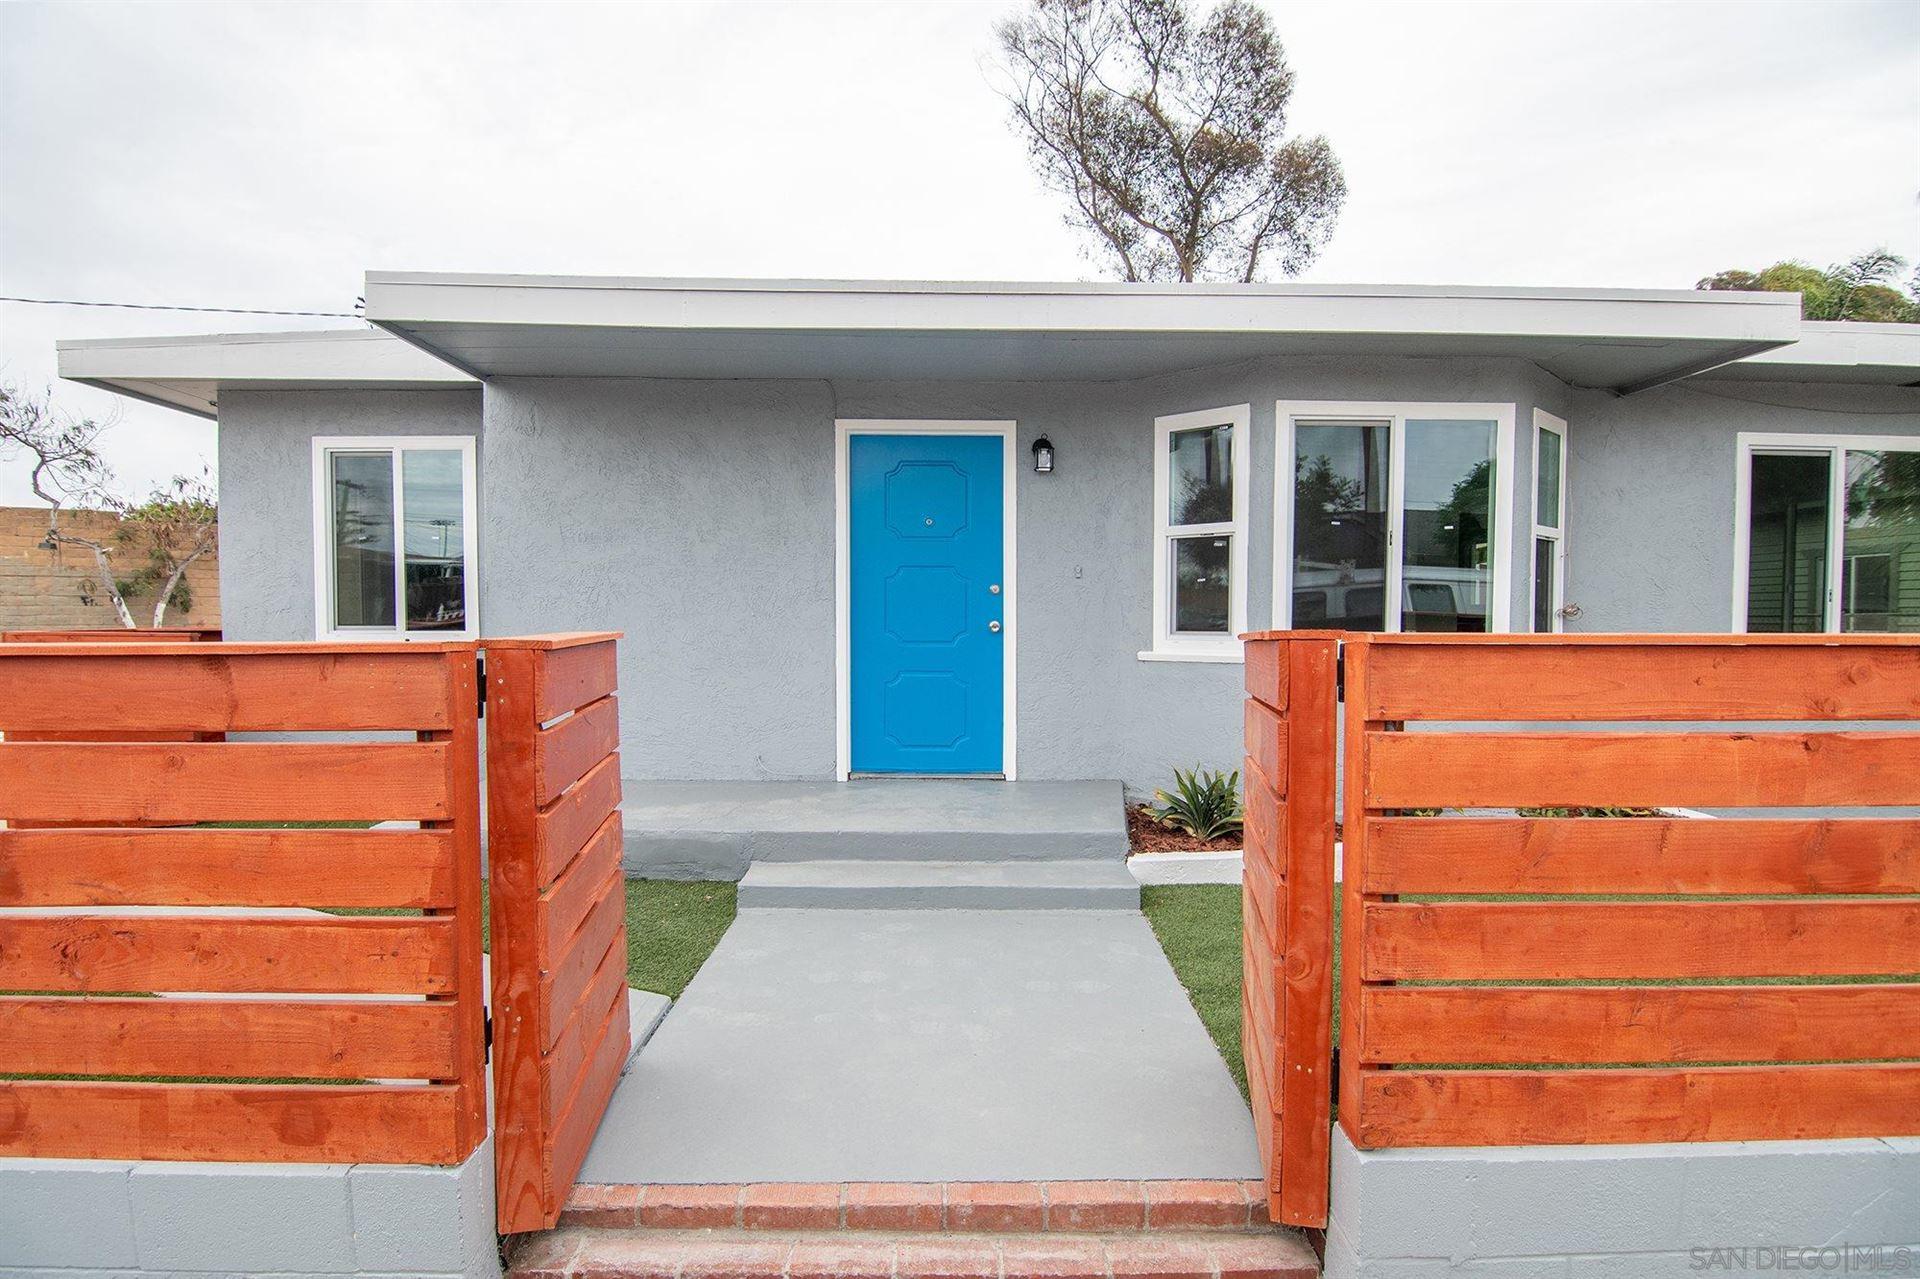 Photo of 322 Garfield St, Oceanside, CA 92054 (MLS # 210000458)